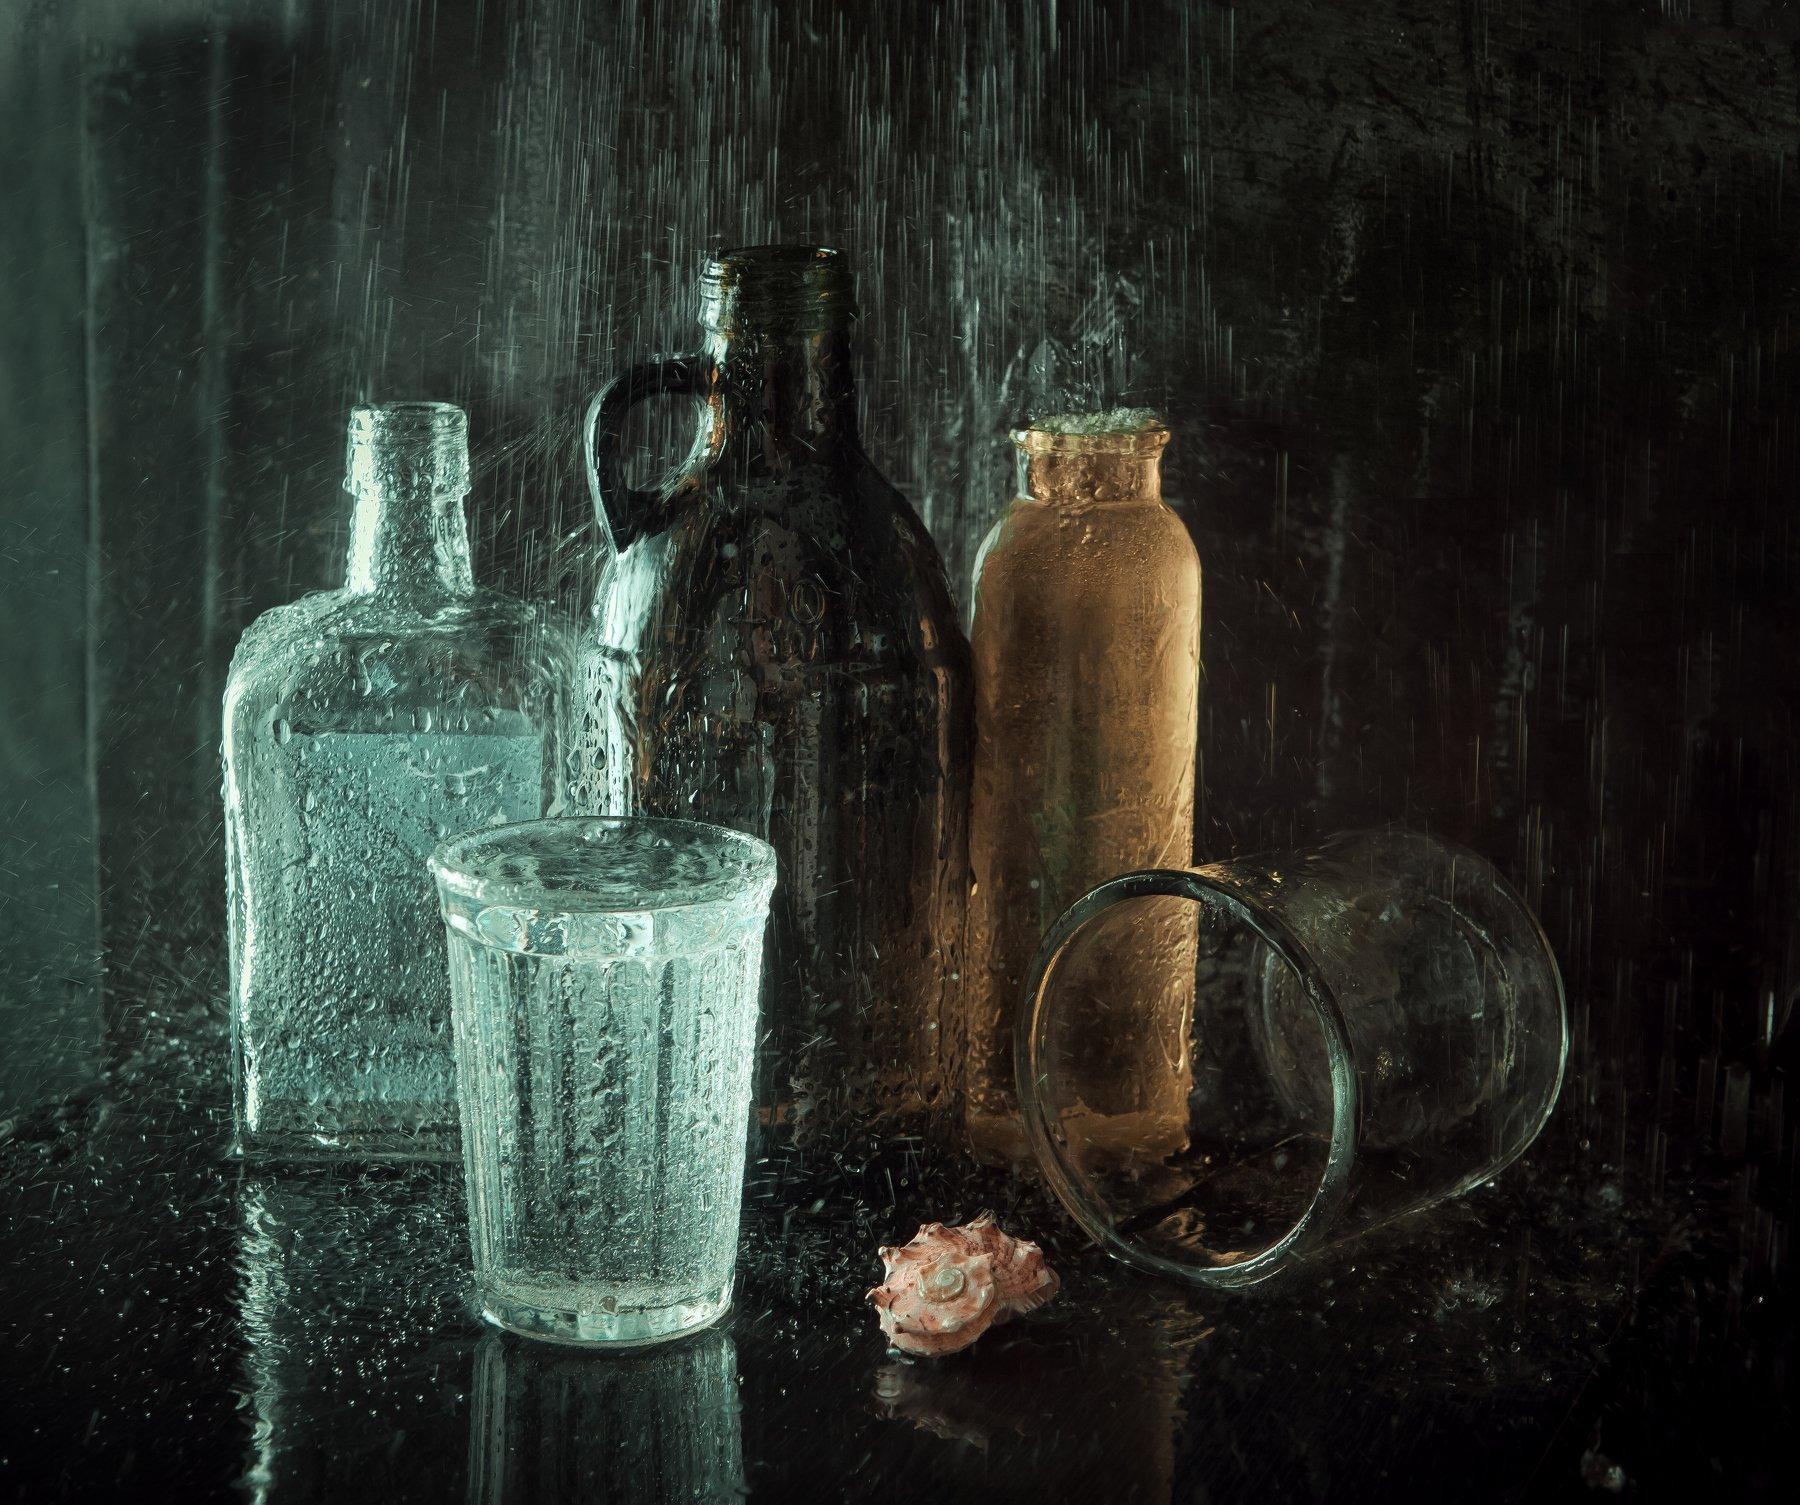 бутылки, стекло, вода, ракушка, натюрморт, Наталья Голубева